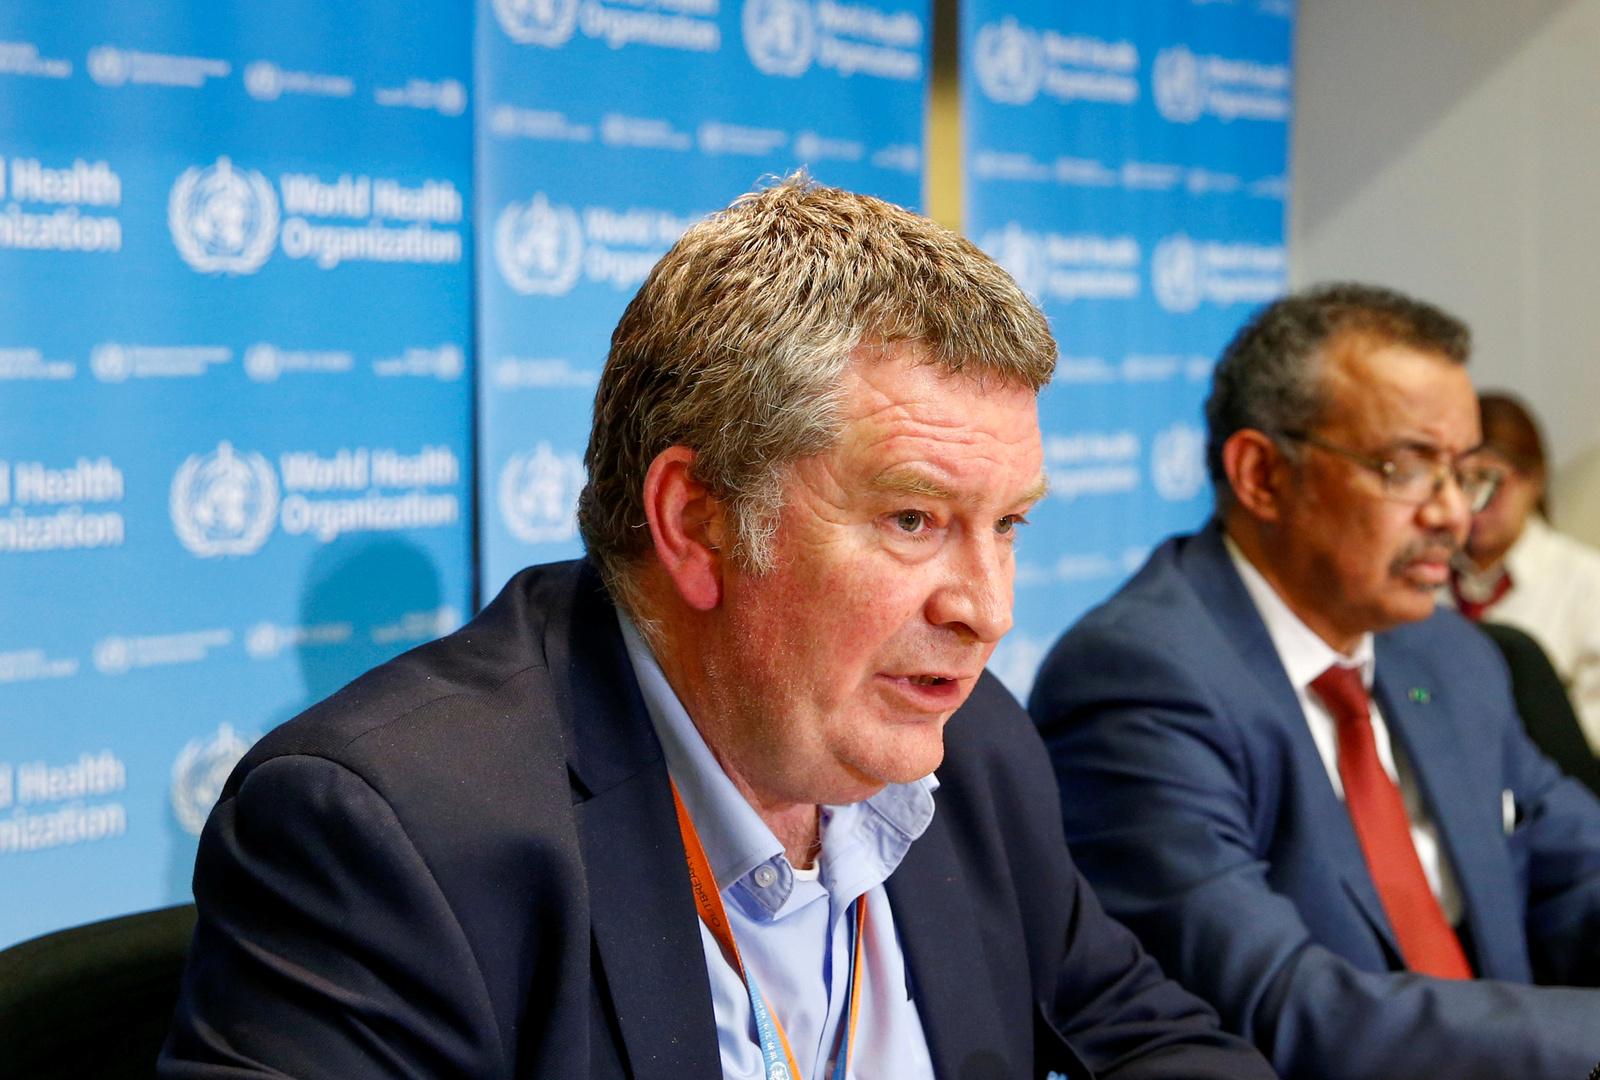 منظمة الصحة: لا تتوقعوا لقاح كورونا قبل 2021